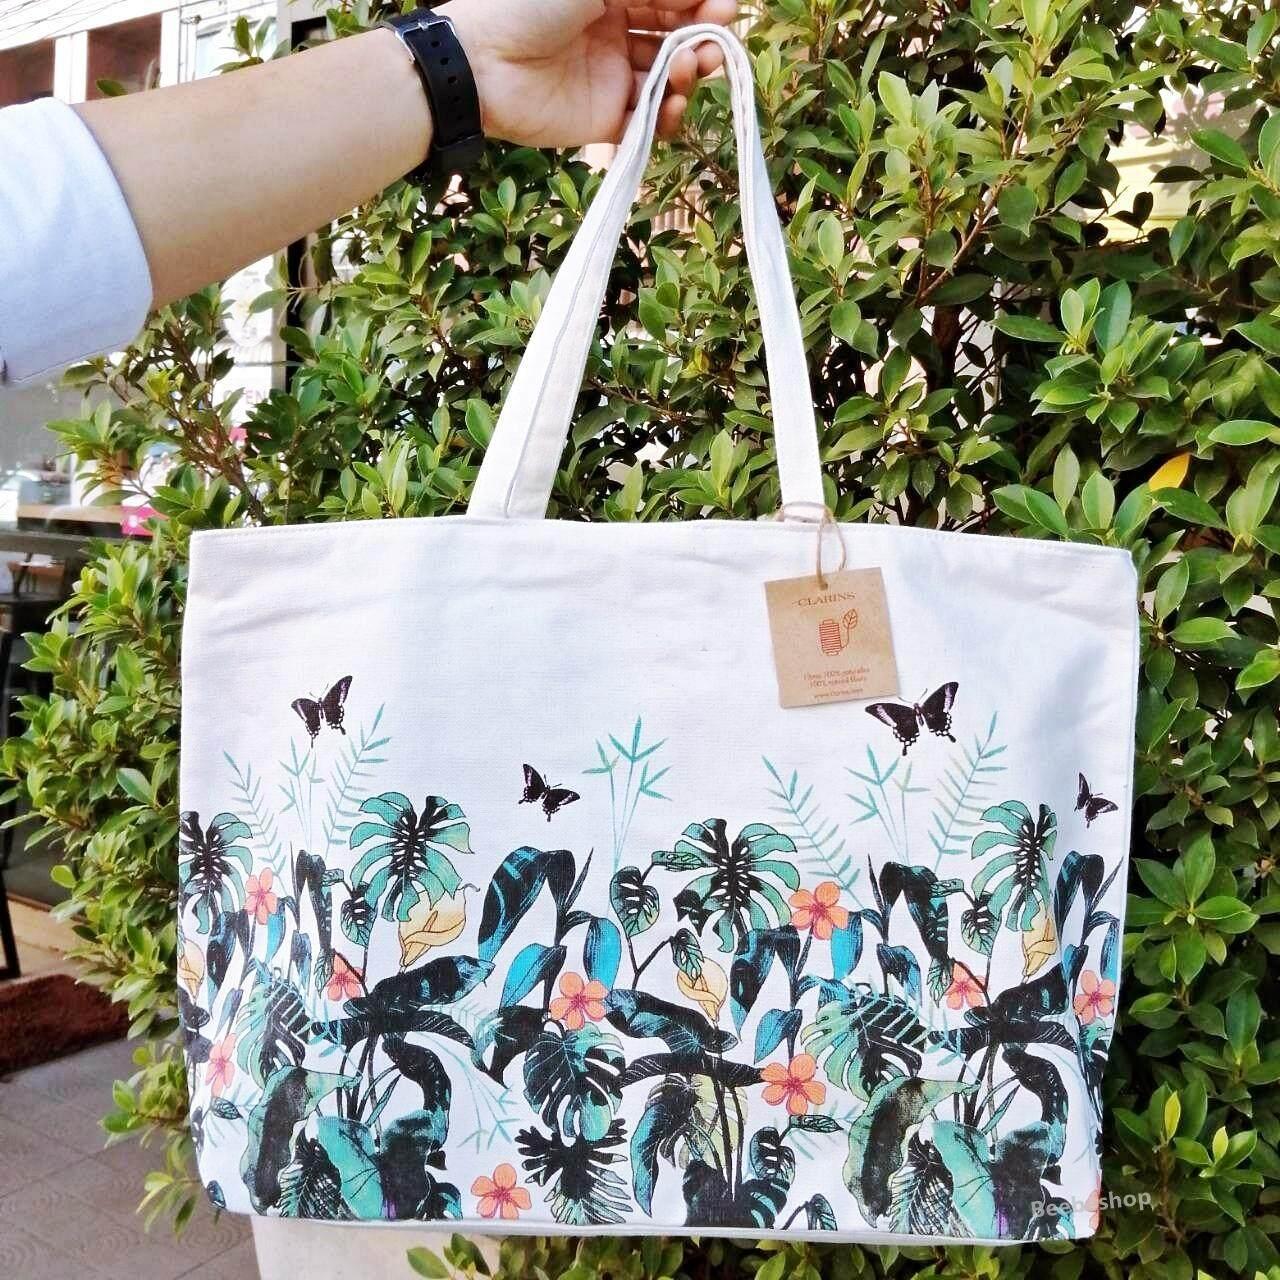 กระเป๋าเป้ นักเรียน ผู้หญิง วัยรุ่น บุรีรัมย์ Clarins Spring Summer Collection Polynesia BAG 2019